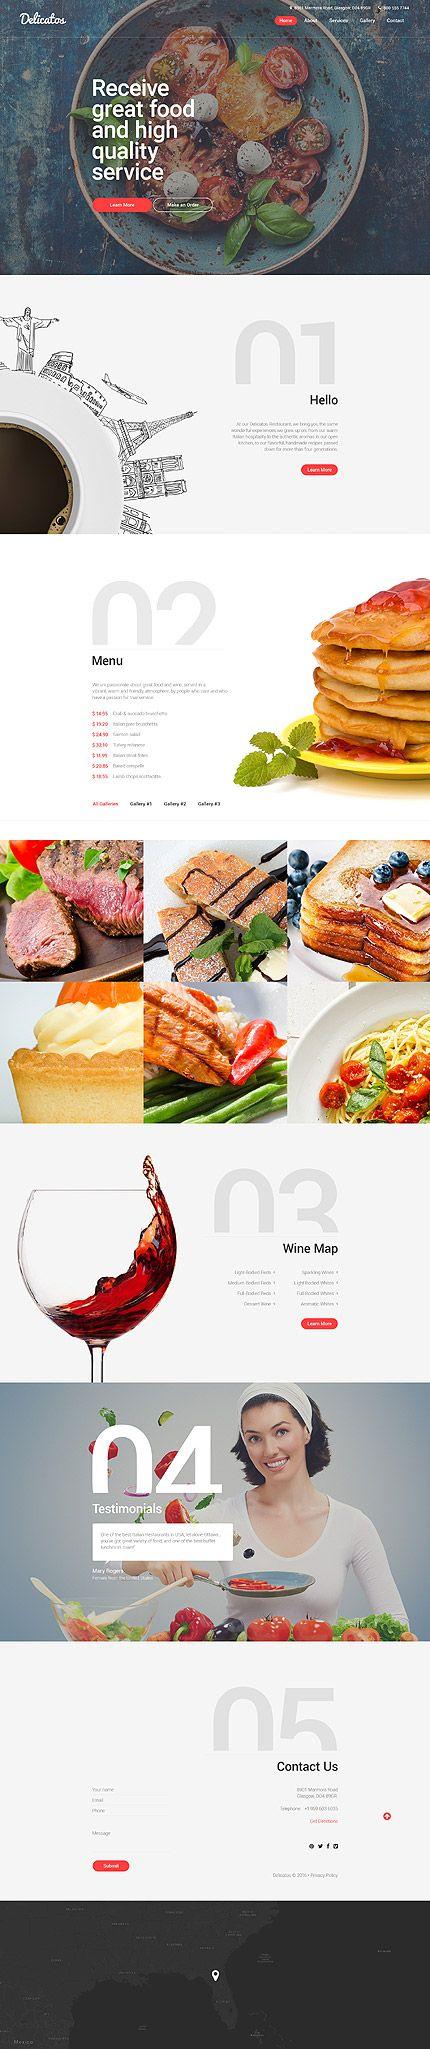 Template 57803 - Delicatos Restaurant  Responsive Website Template